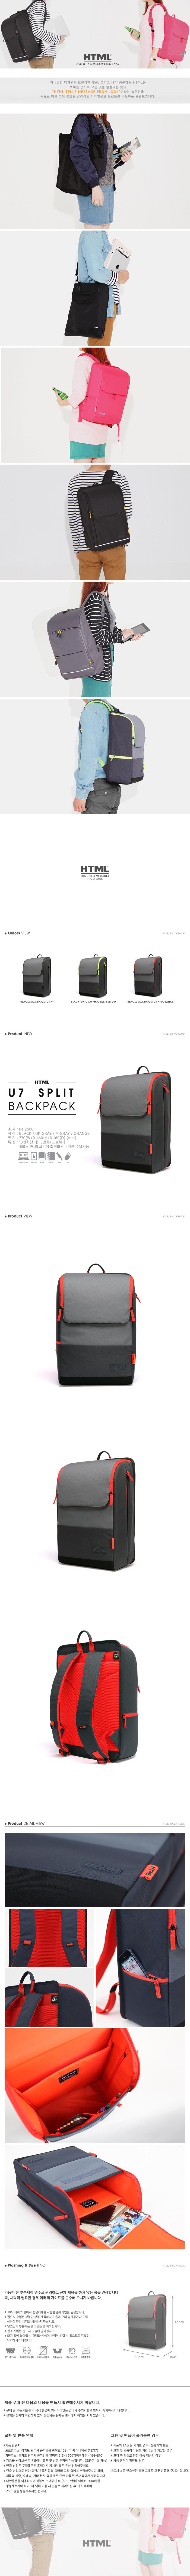 [에이치티엠엘]HTML-U7 SPLIT Backpack (Black/Dk.gray/Orange)